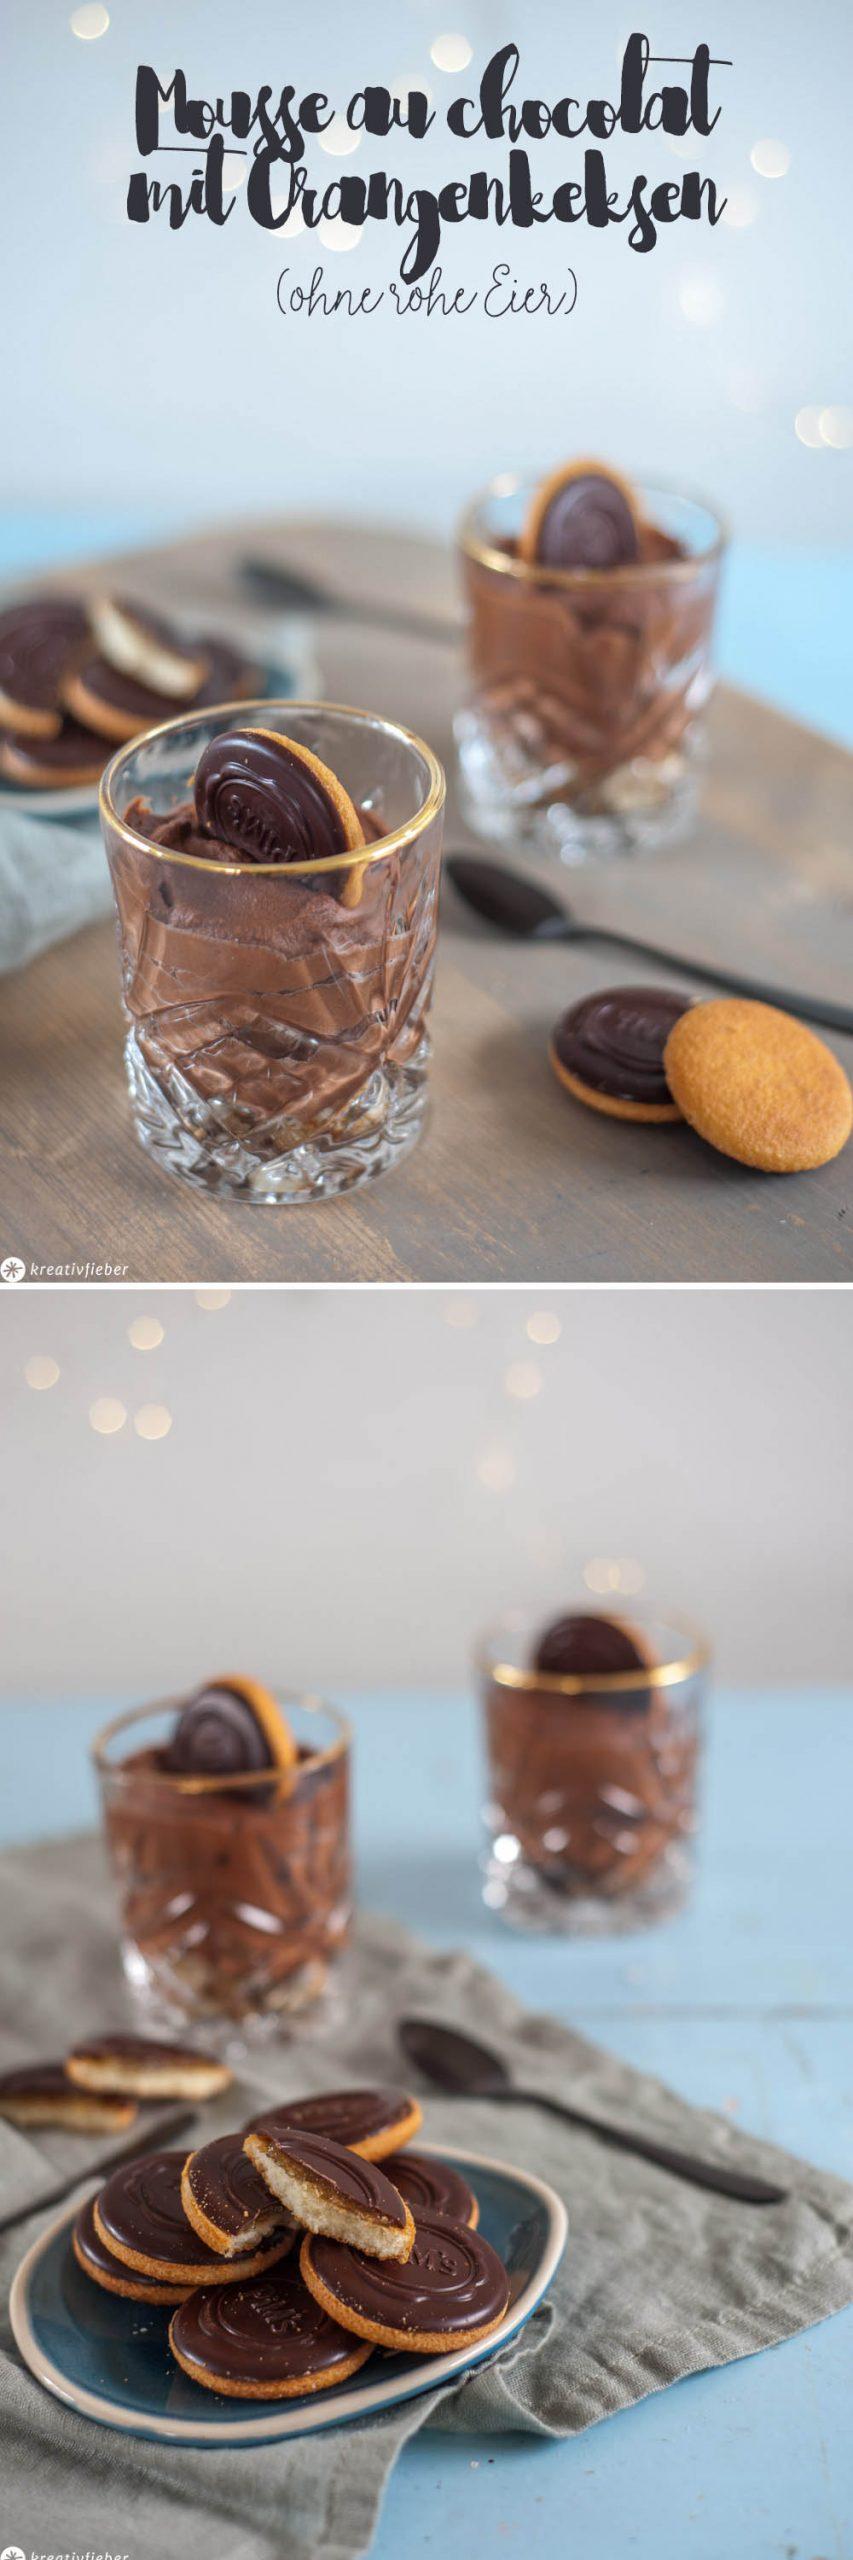 Mousse au chocolate für Schwangere